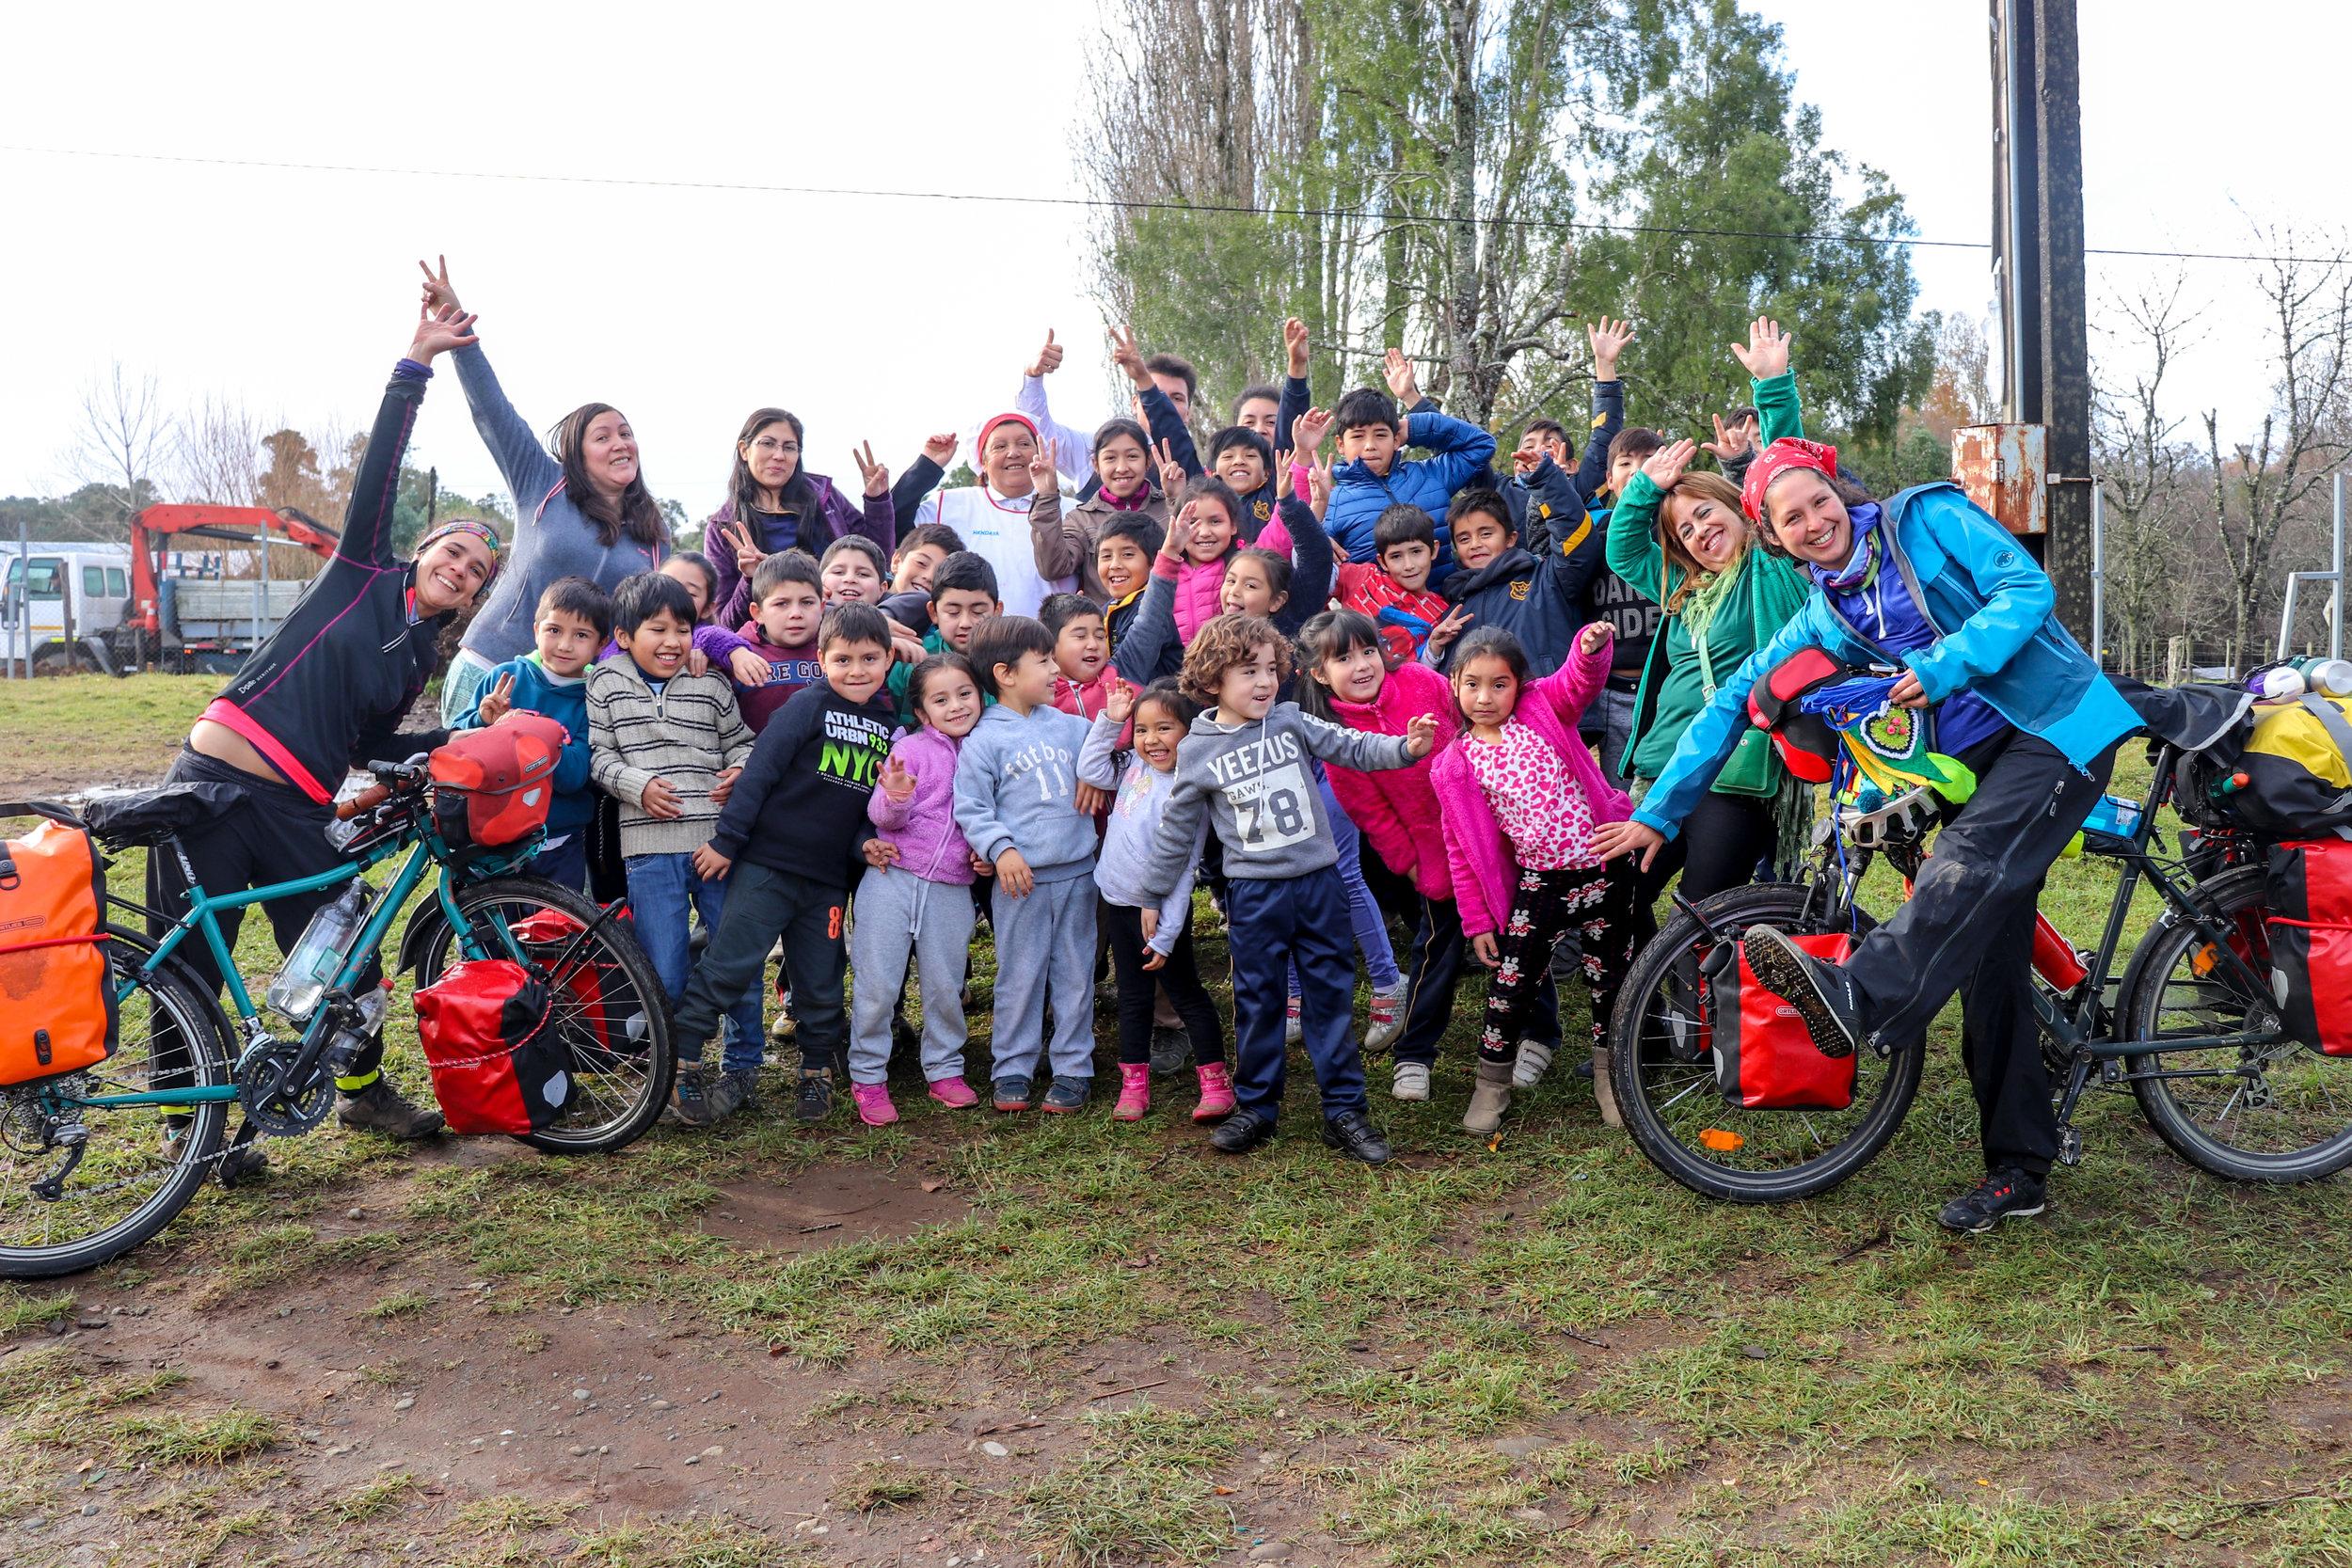 Dona un encuentro de cuentacuentos y juegos en una escuela rural, JJVV o plaza de una comunidad -